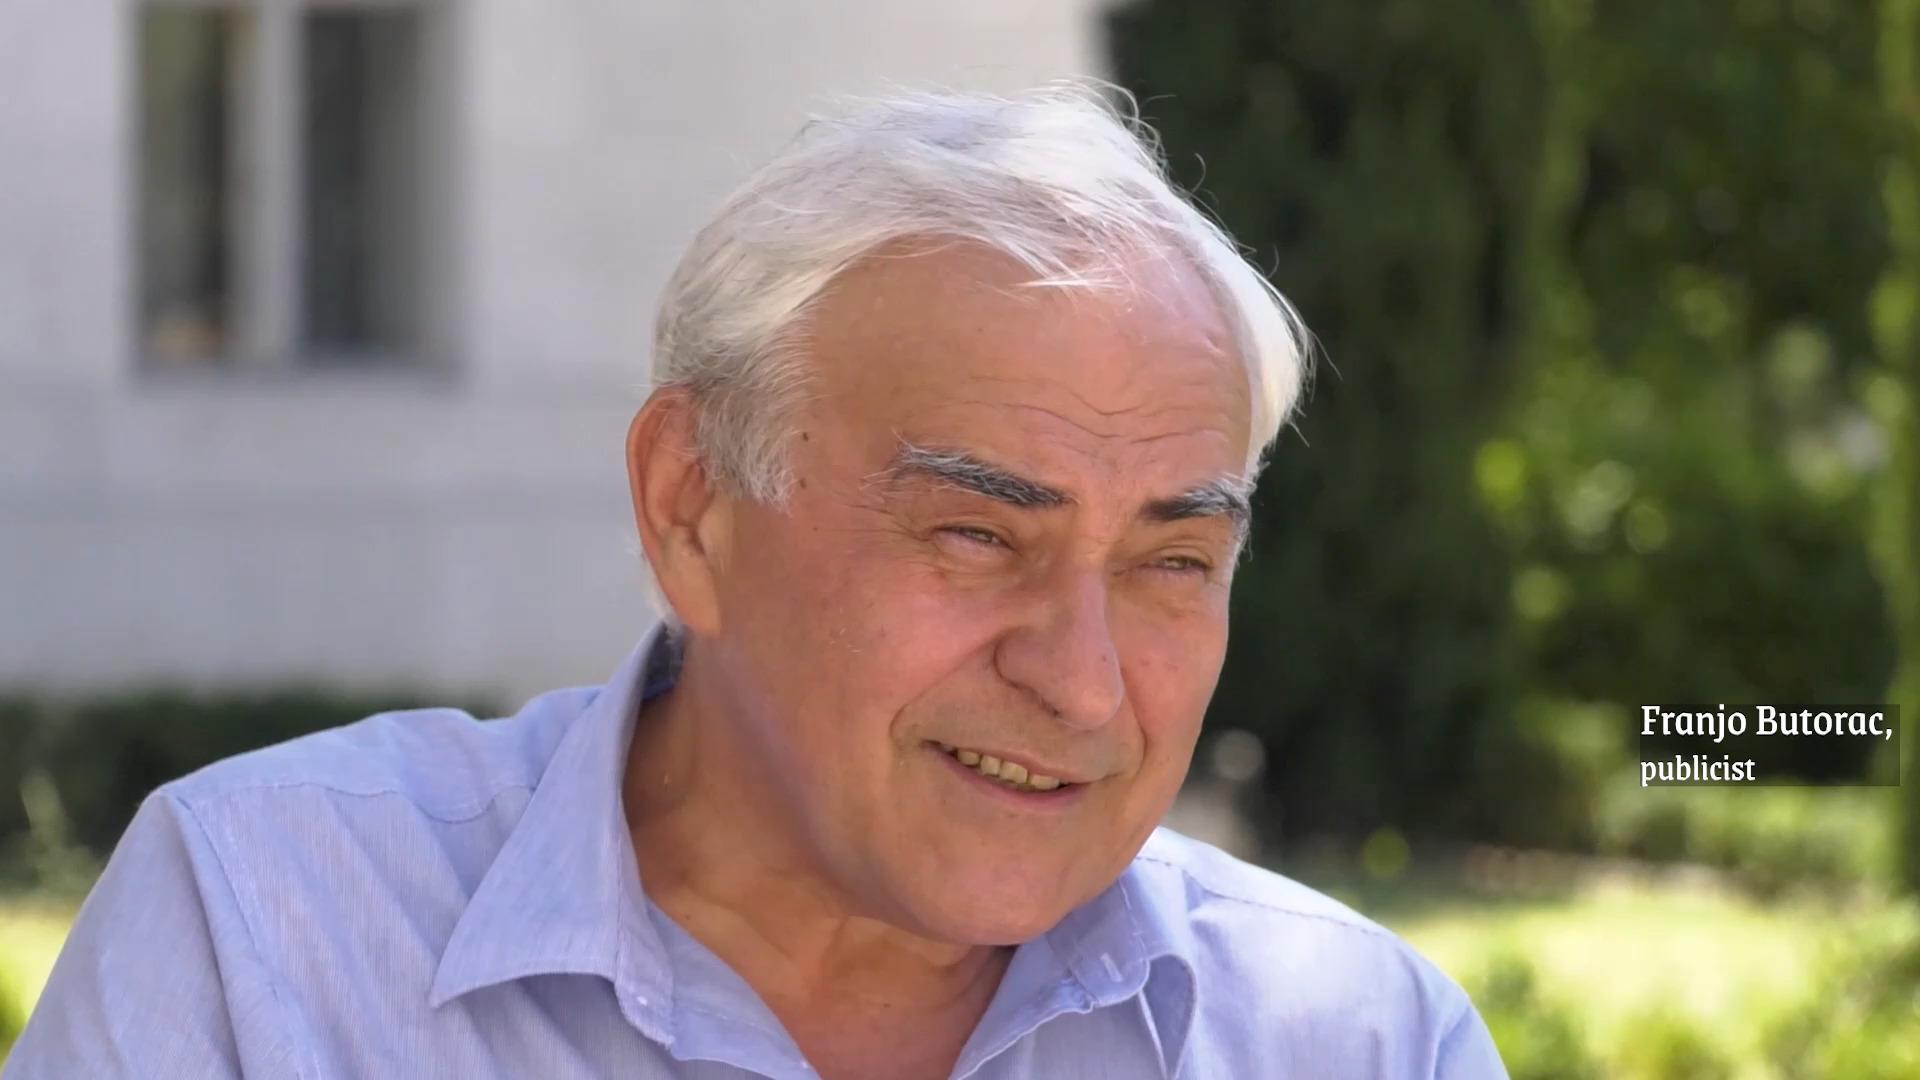 19. Franjo Butorac